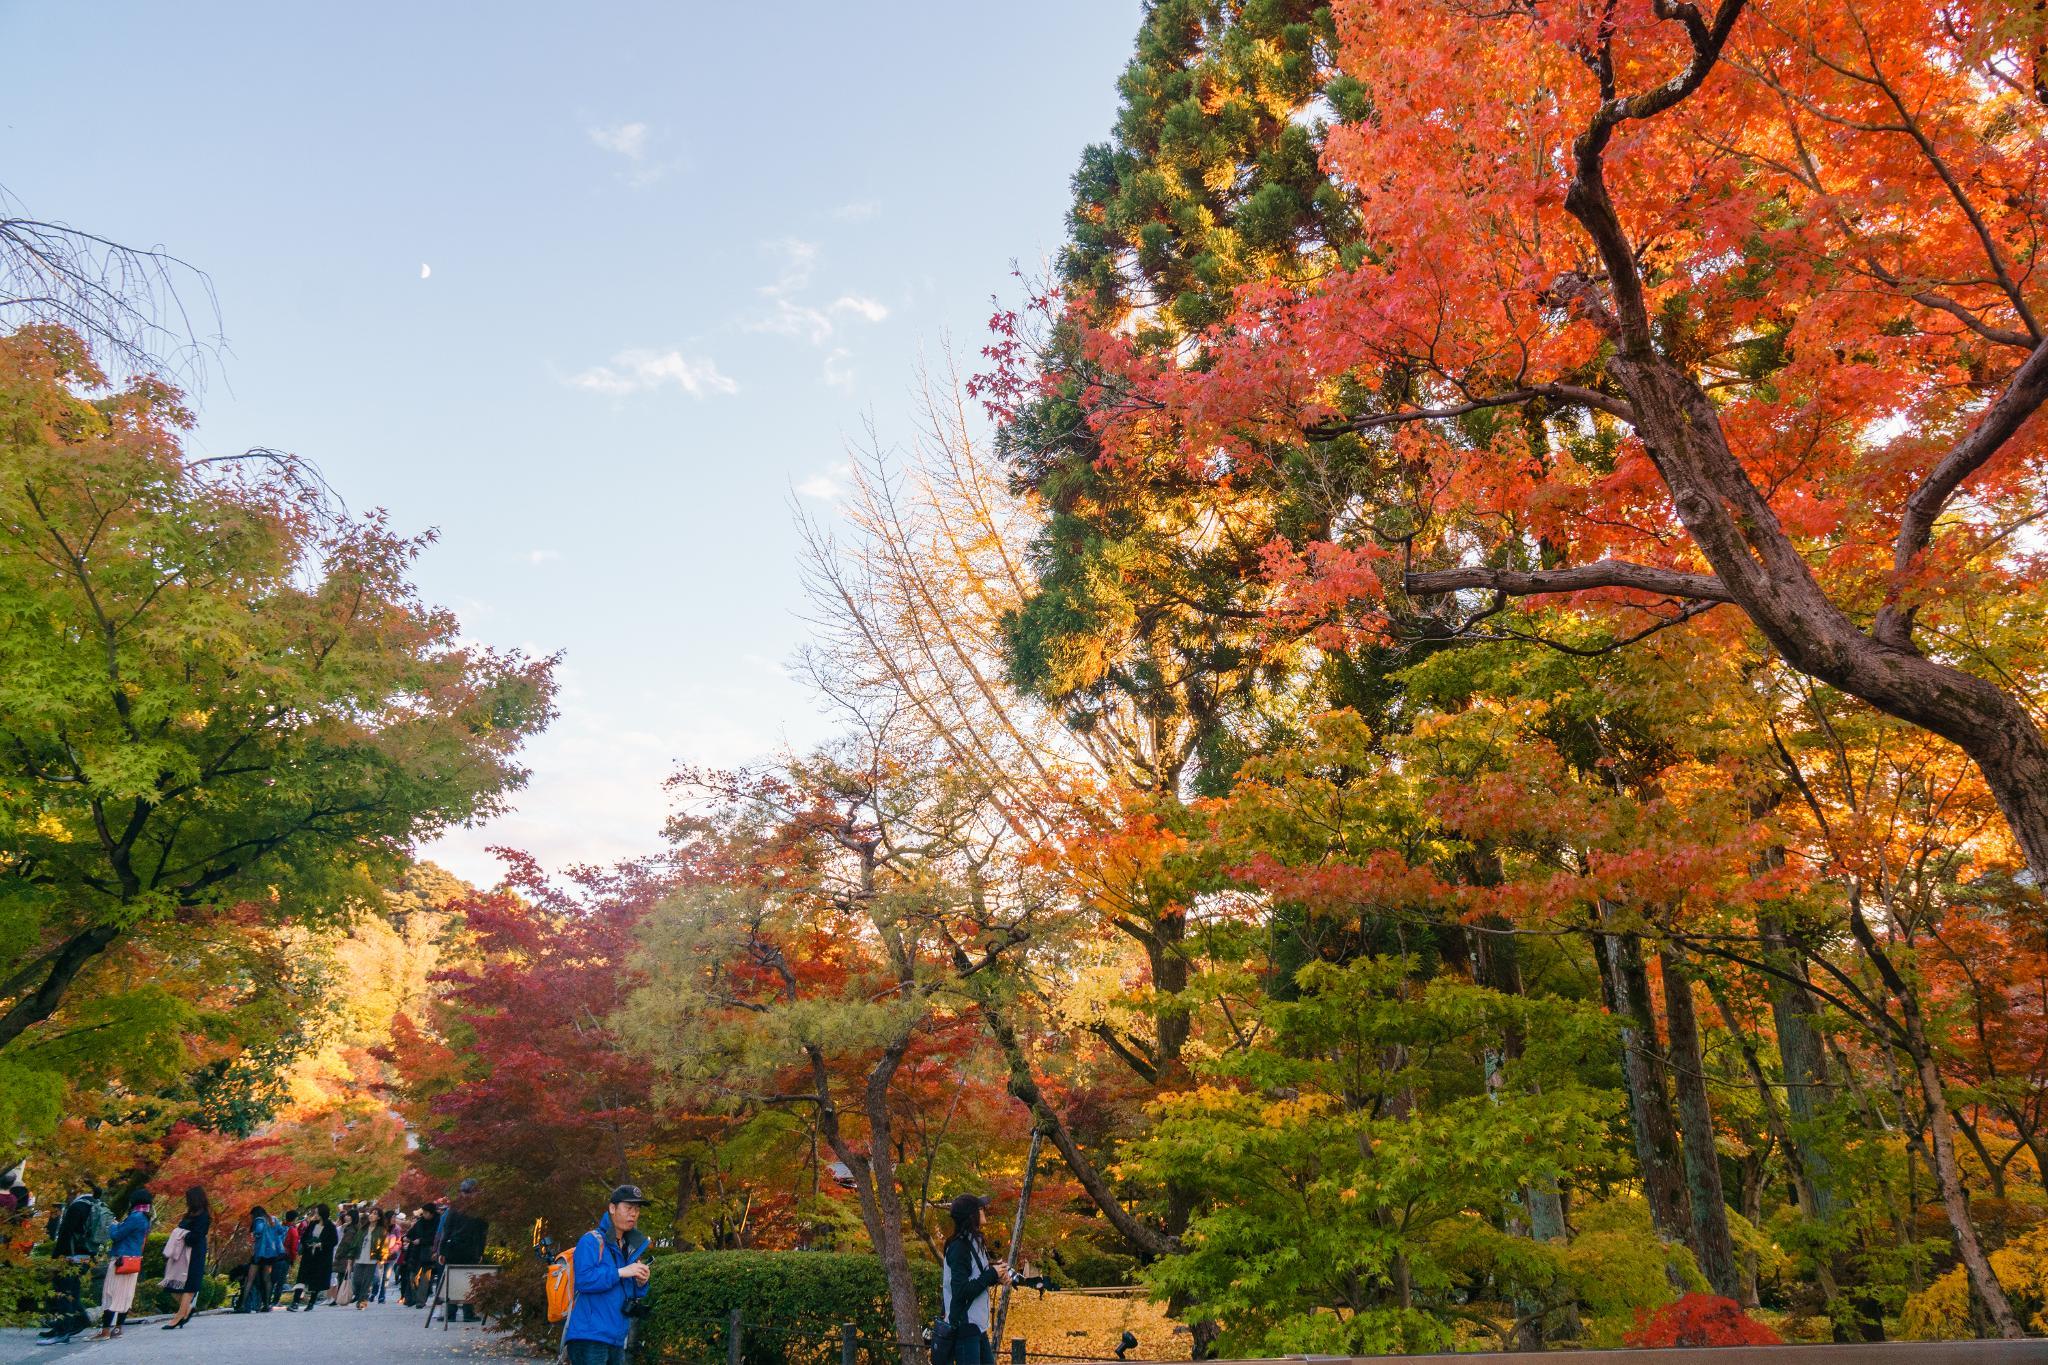 【京都】此生必來的紅葉狩絕景 - 永觀堂夜楓 102